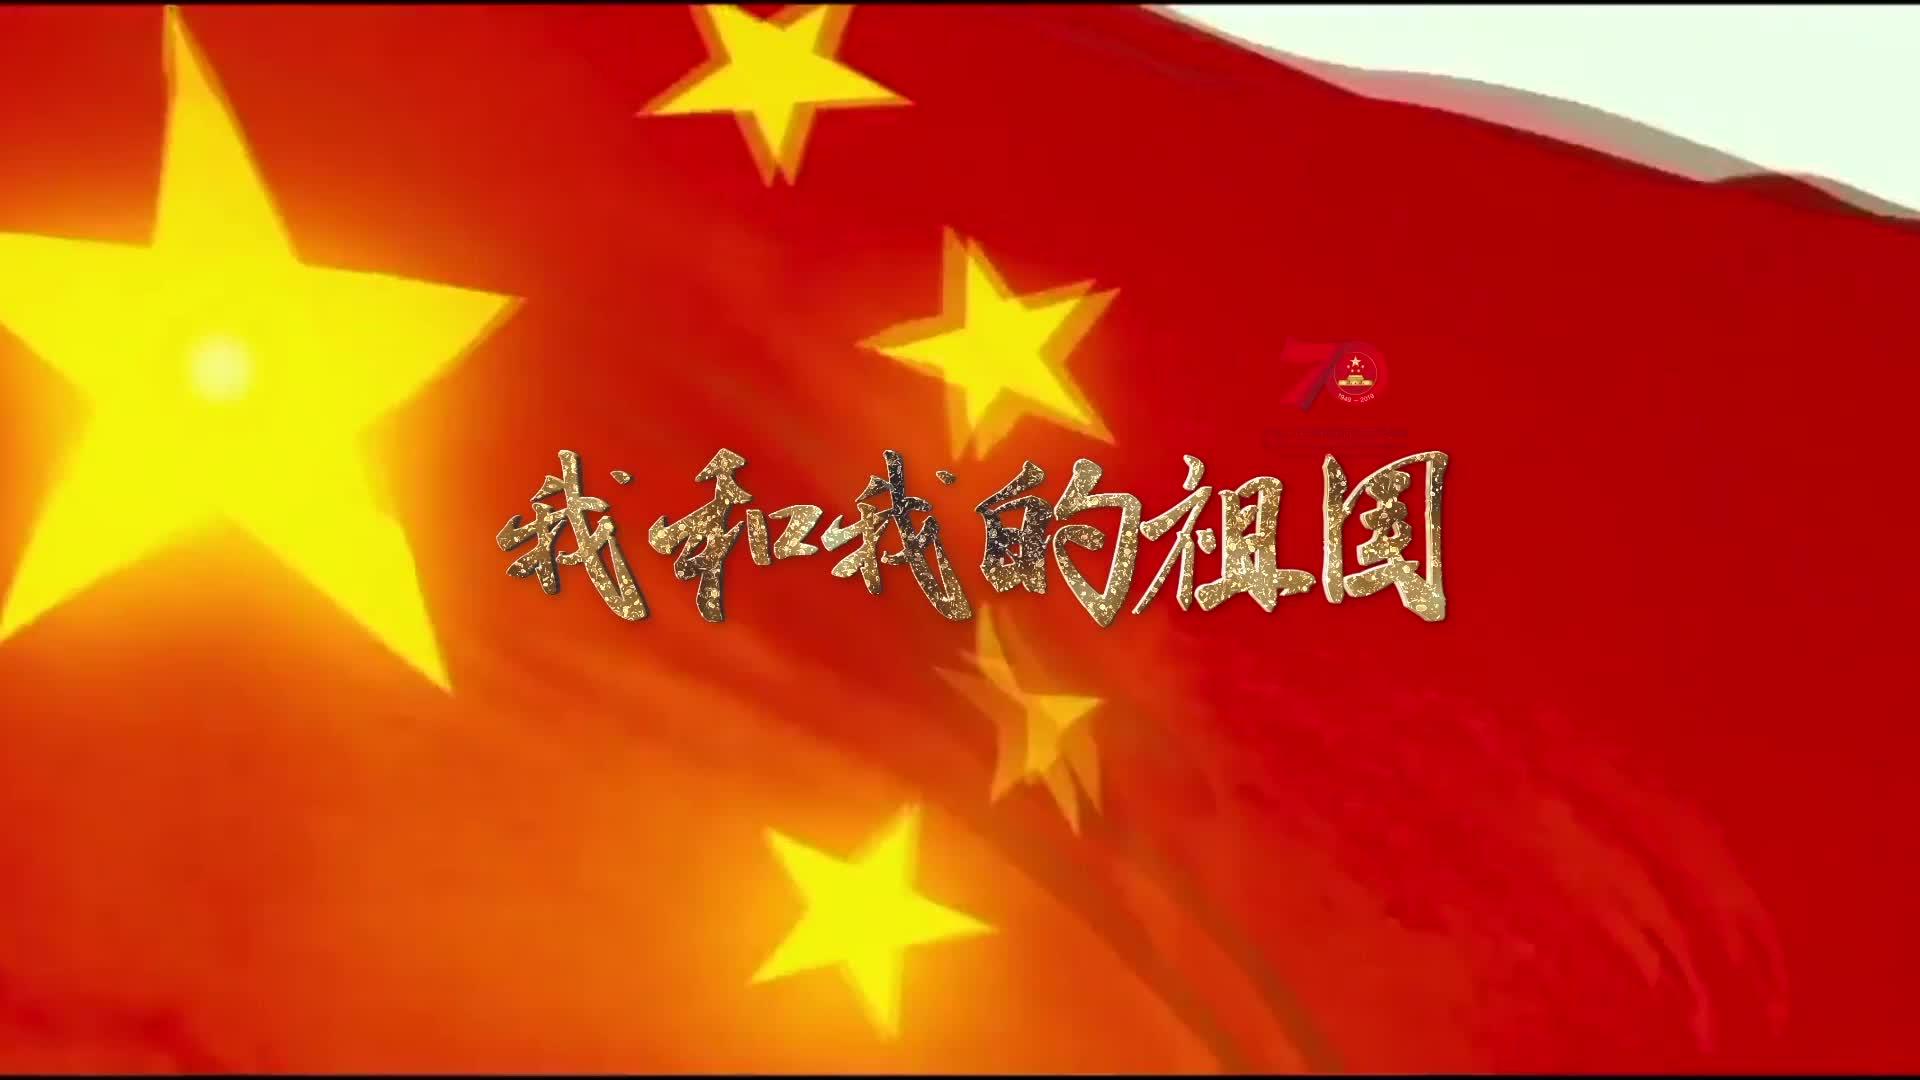 渭南供电分公司《我和我的祖国》MV